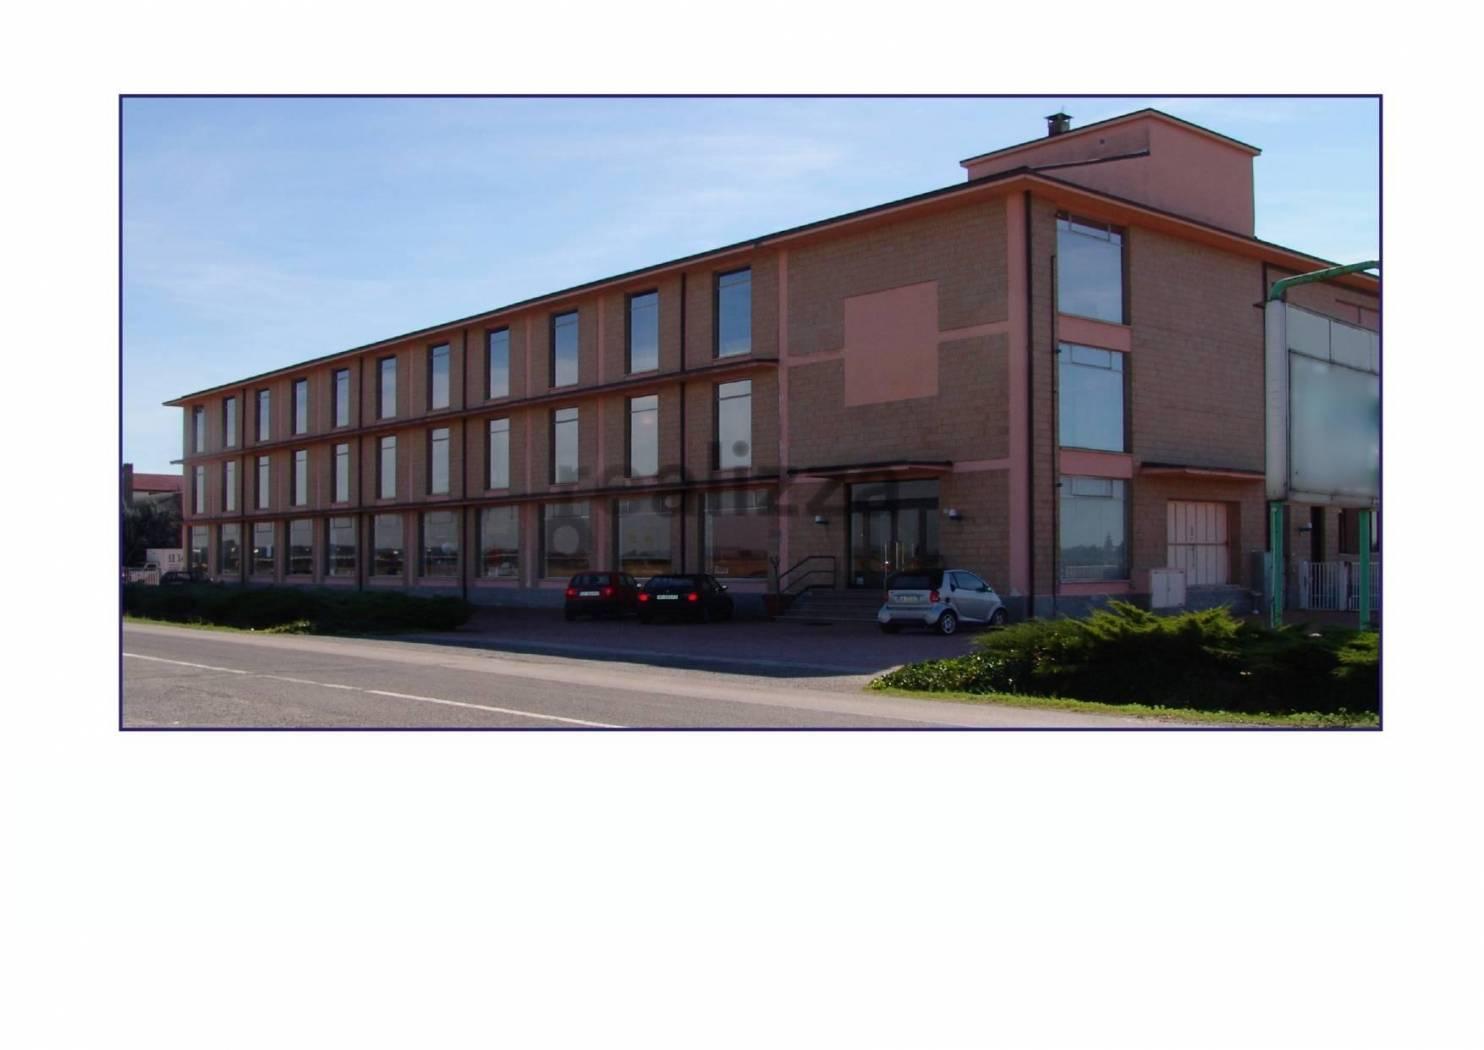 Immobile Commerciale in vendita a Solero, 6 locali, prezzo € 970.000 | PortaleAgenzieImmobiliari.it